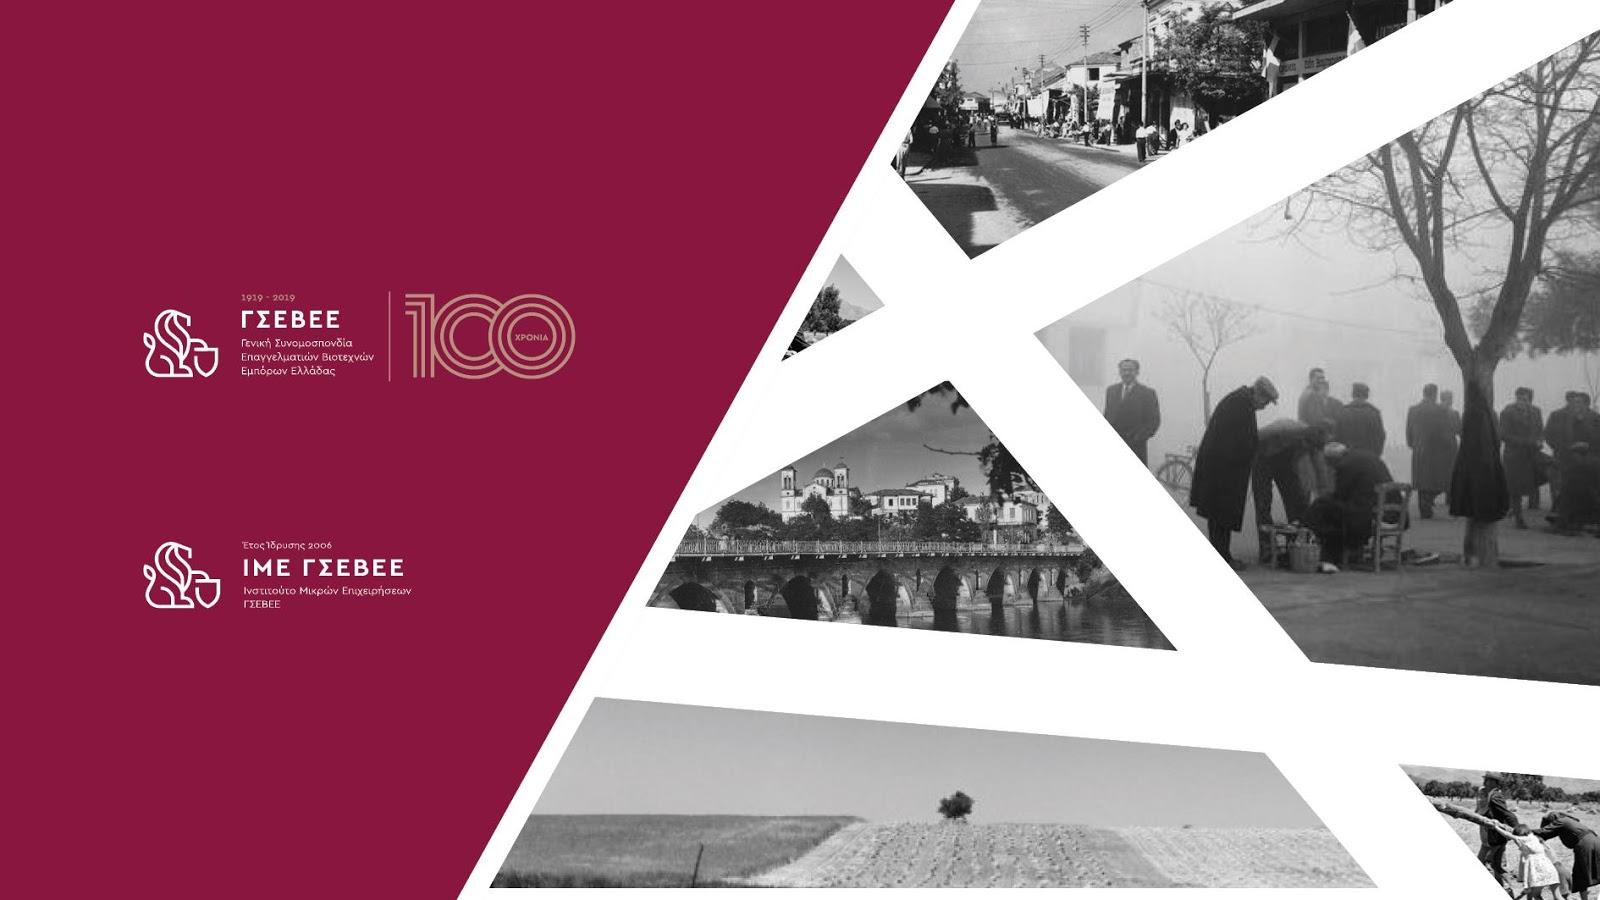 Εκδήλωση «100 χρόνια ΓΣΕΒΕΕ & μικρές επιχειρήσεις στην Ελλάδα» στη Λάρισα